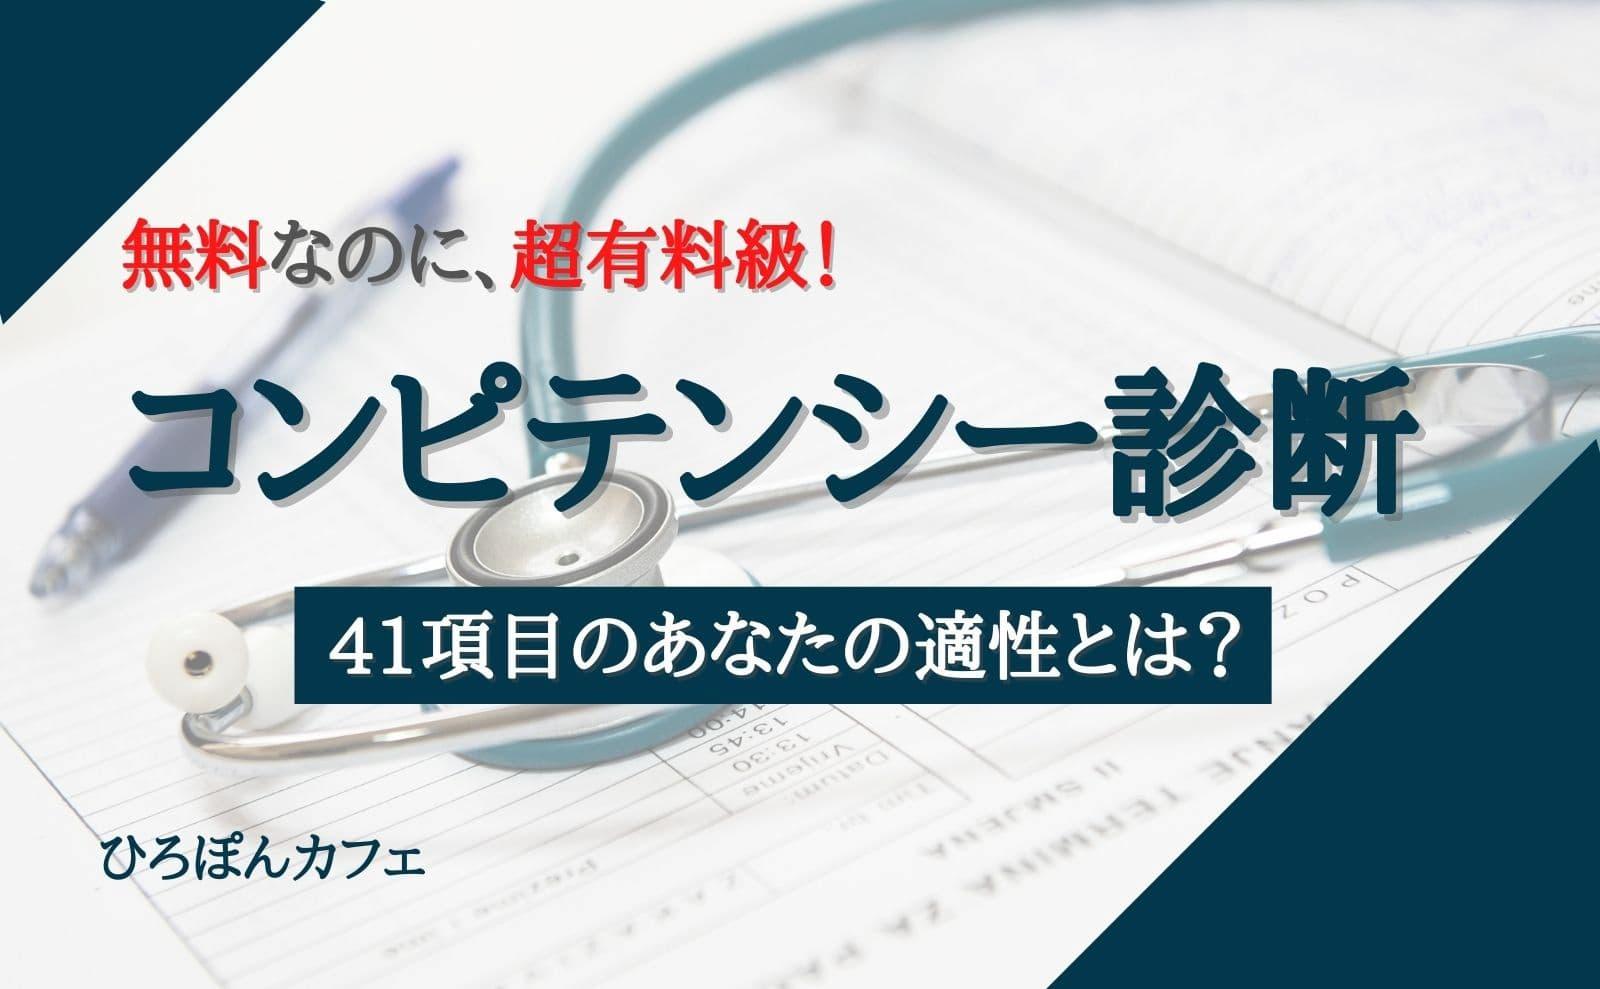 【コンピテンシー診断】無料の試験で41項目のあなたの特性がわかります (1)